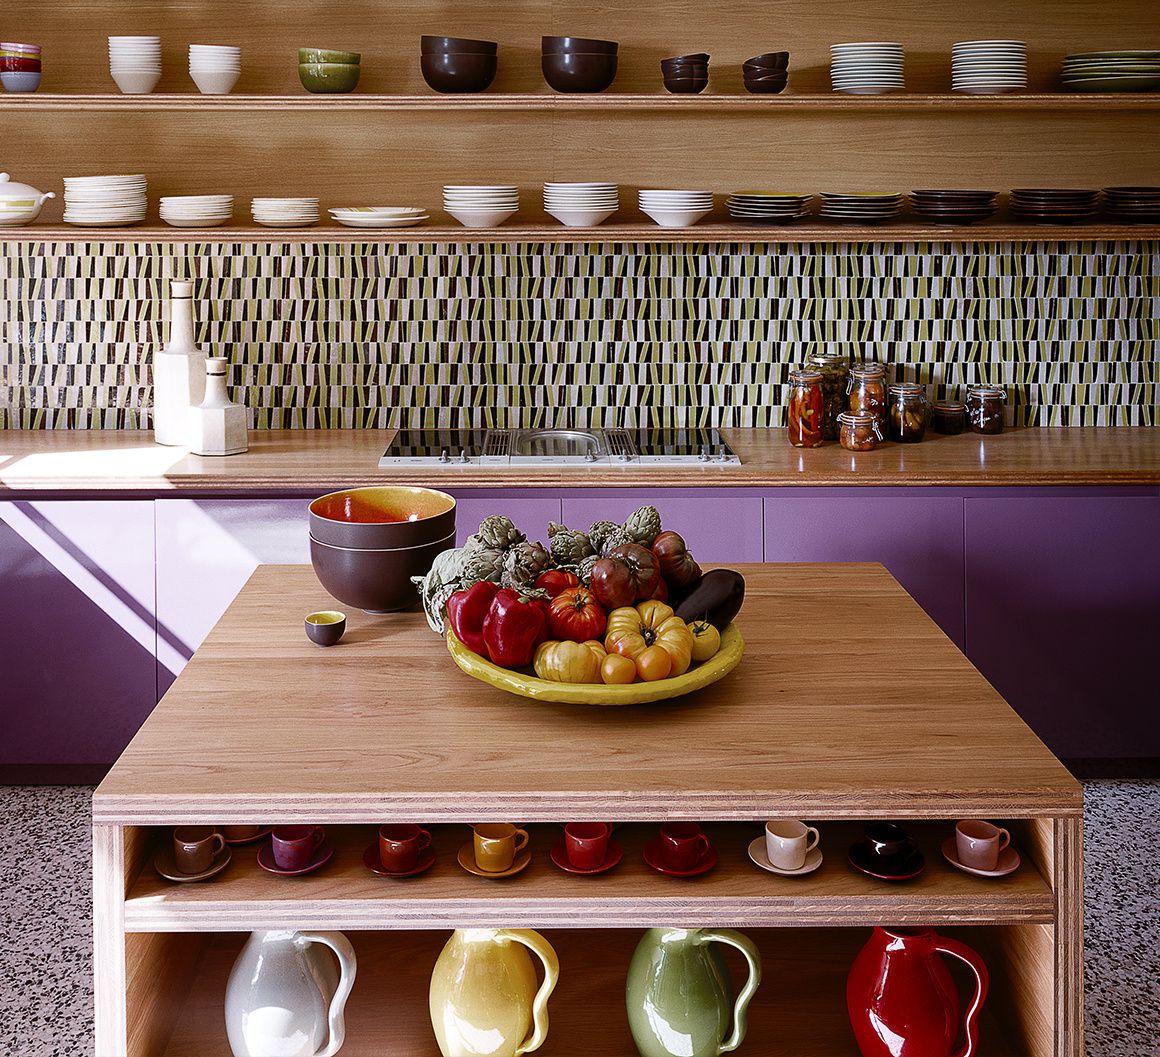 Contemporáneo Diseño De La Cocina India Imágenes Bandera - Ideas de ...